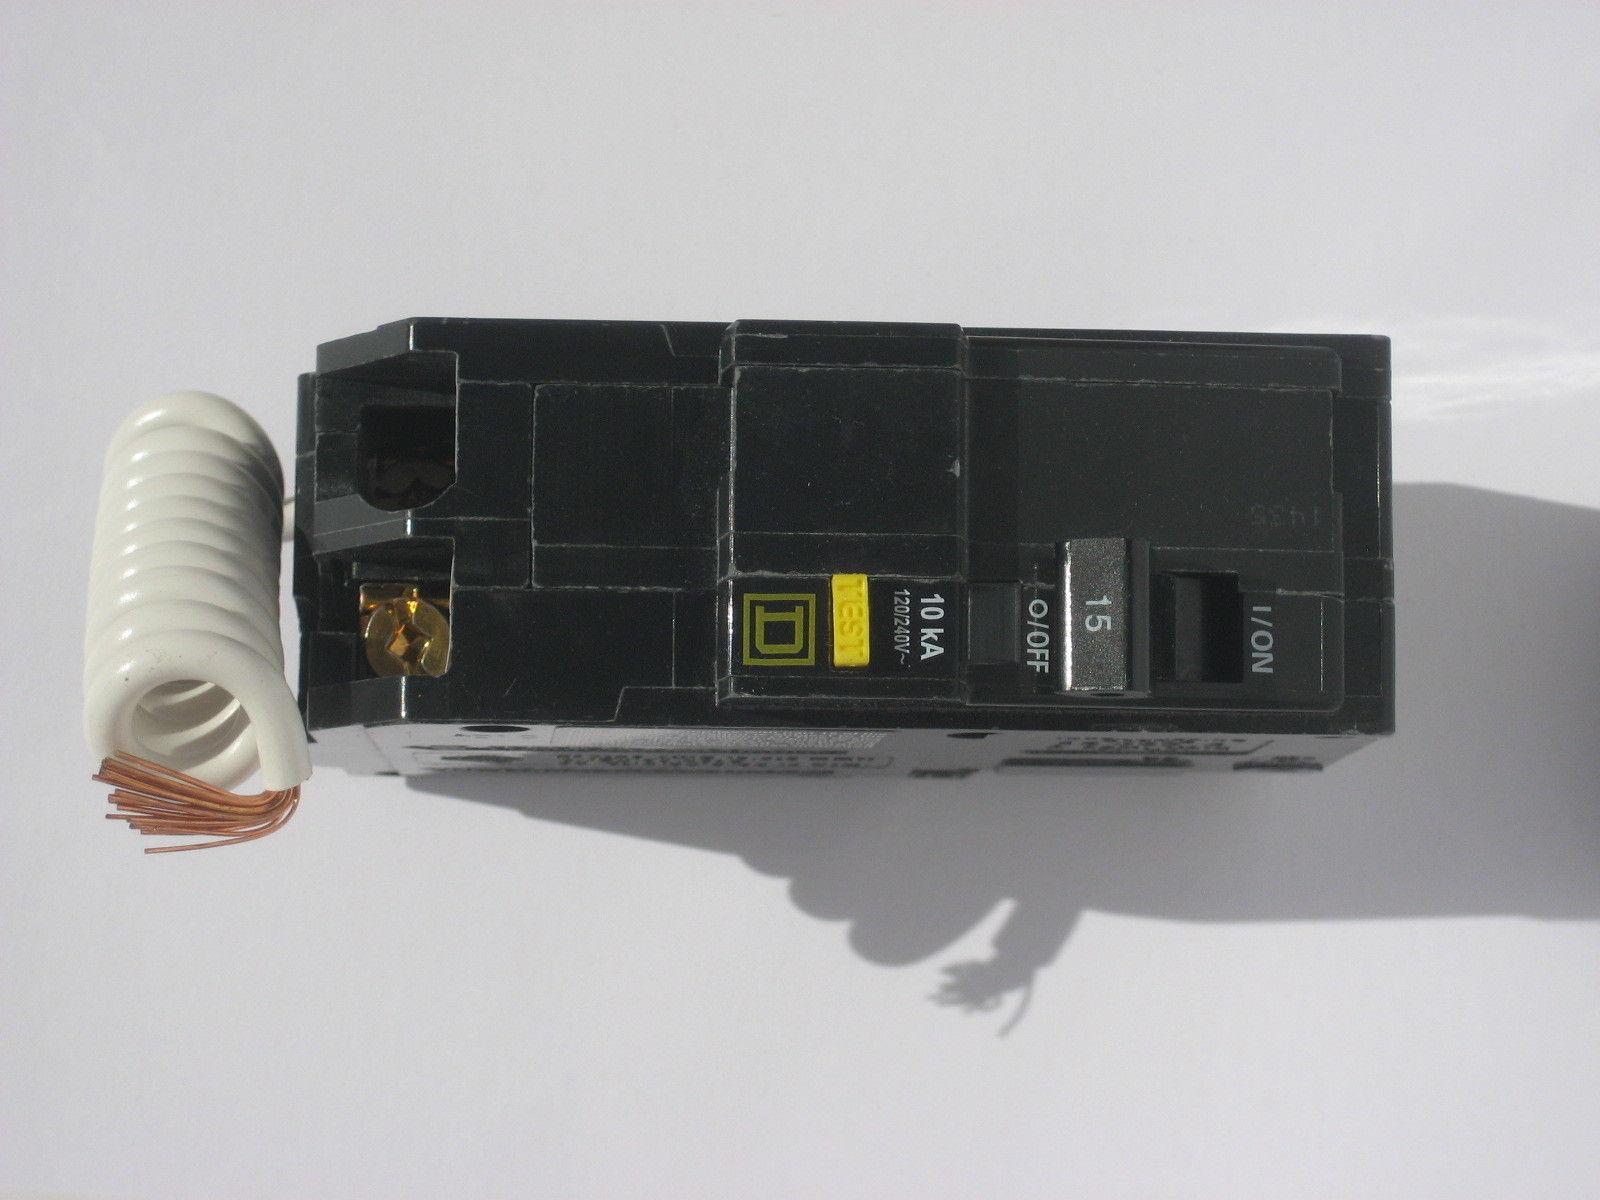 Ungewöhnlich 15 Ampere Drahtgröße Galerie - Die Besten Elektrischen ...